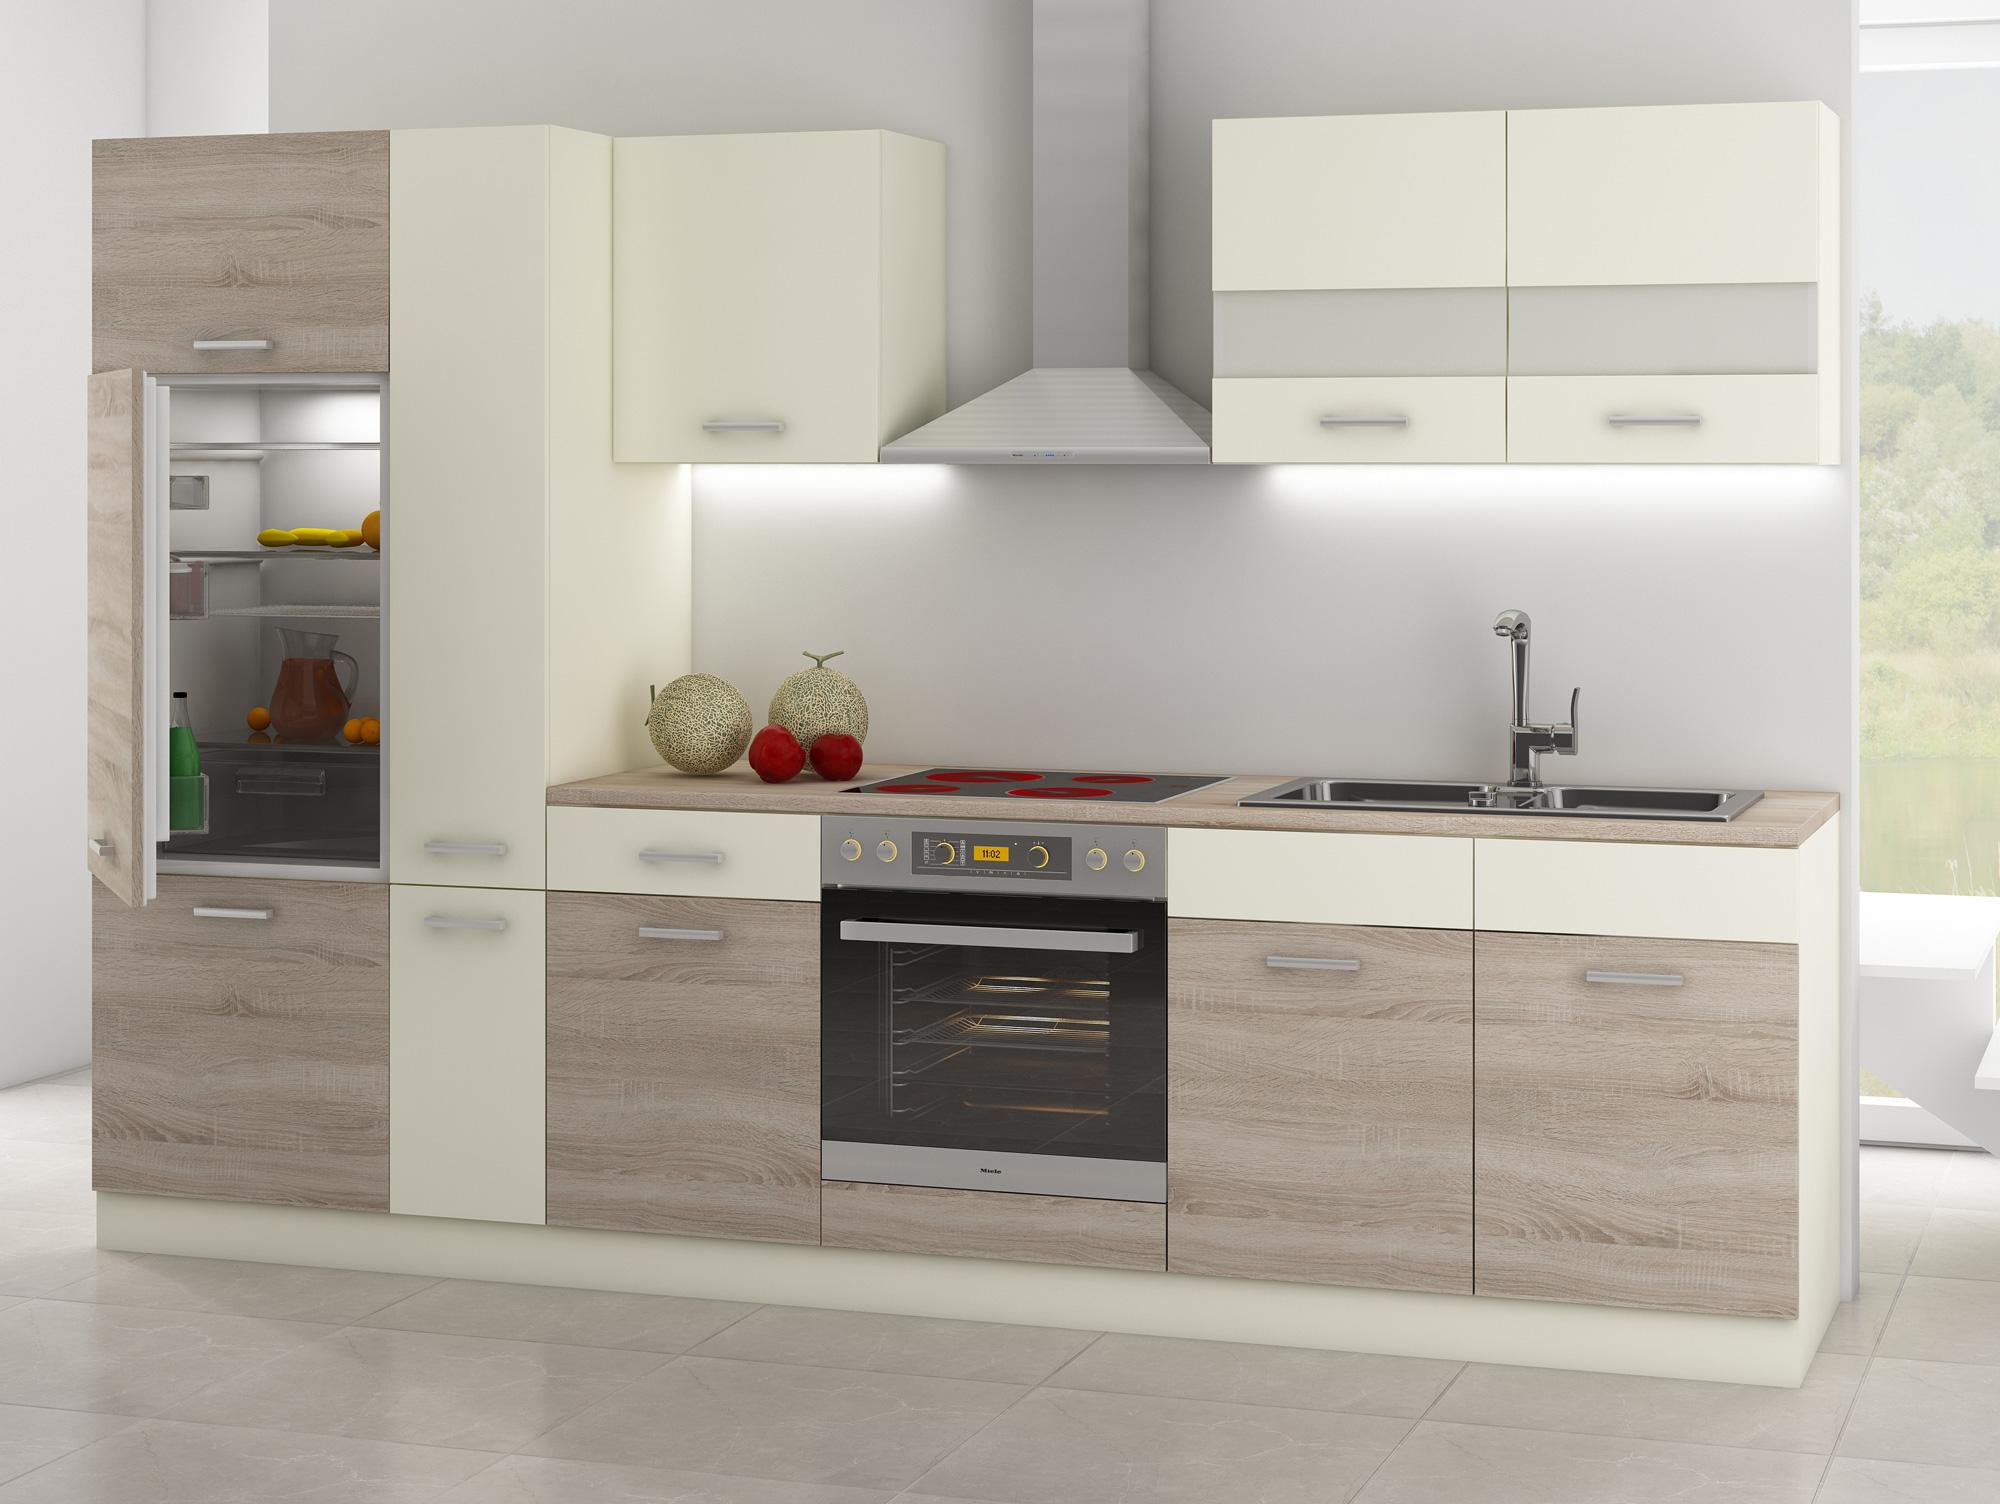 Küche mit apothekerschrank. ikea küche unterbauleuchte arbeitsplatte